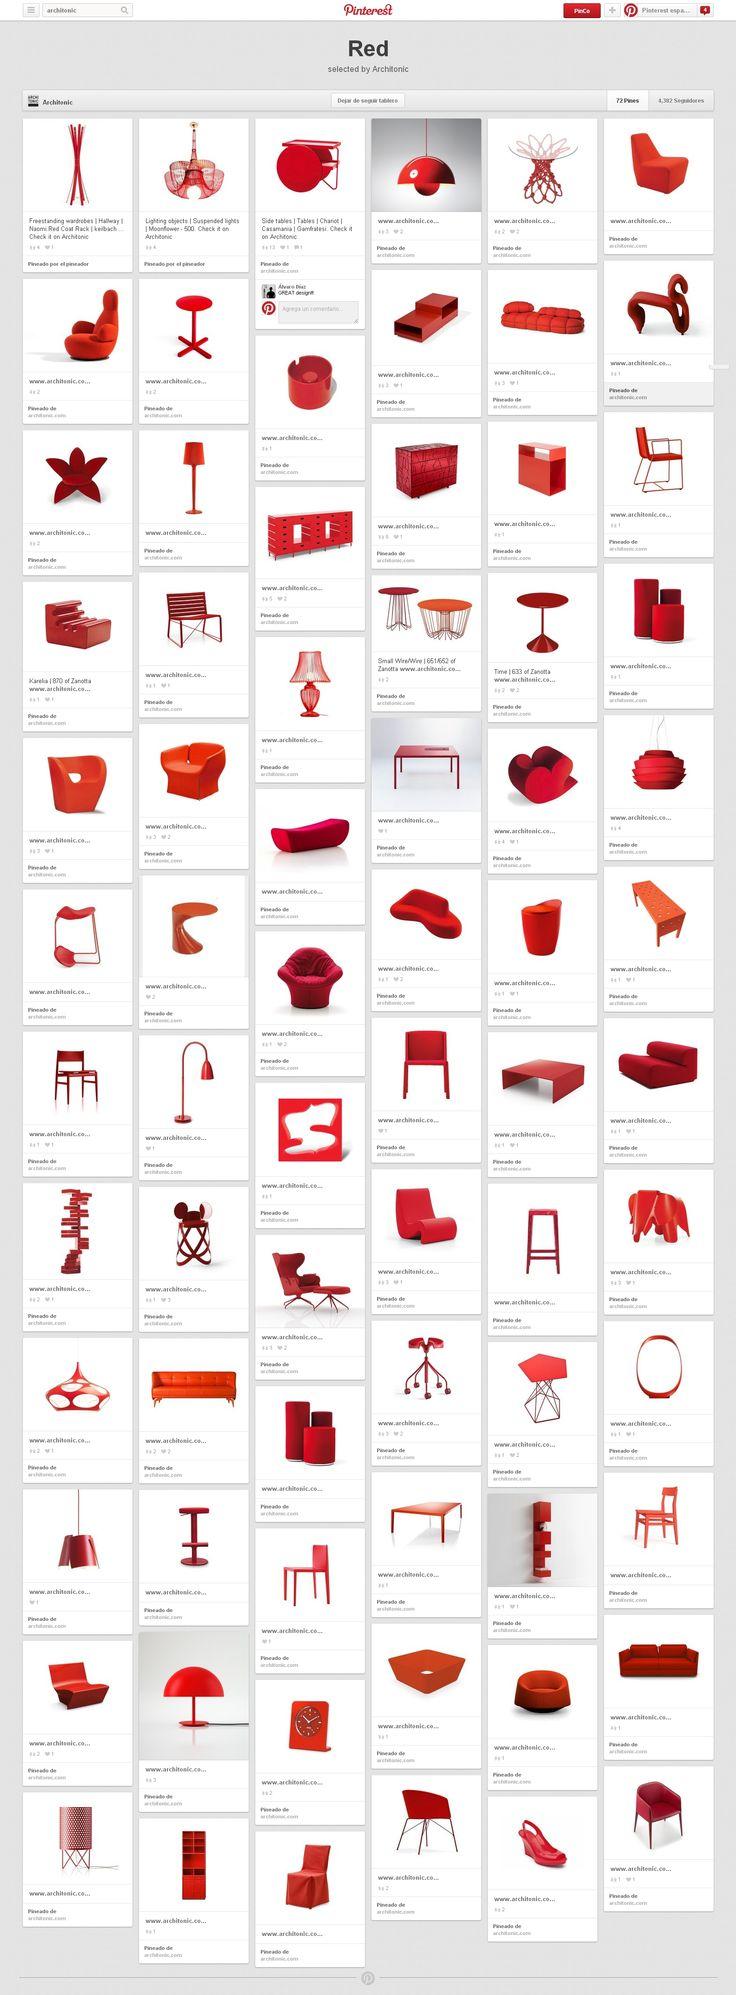 Architonic organizo en un tablero rojo una seleccion de - Decoraciones de hogar ...